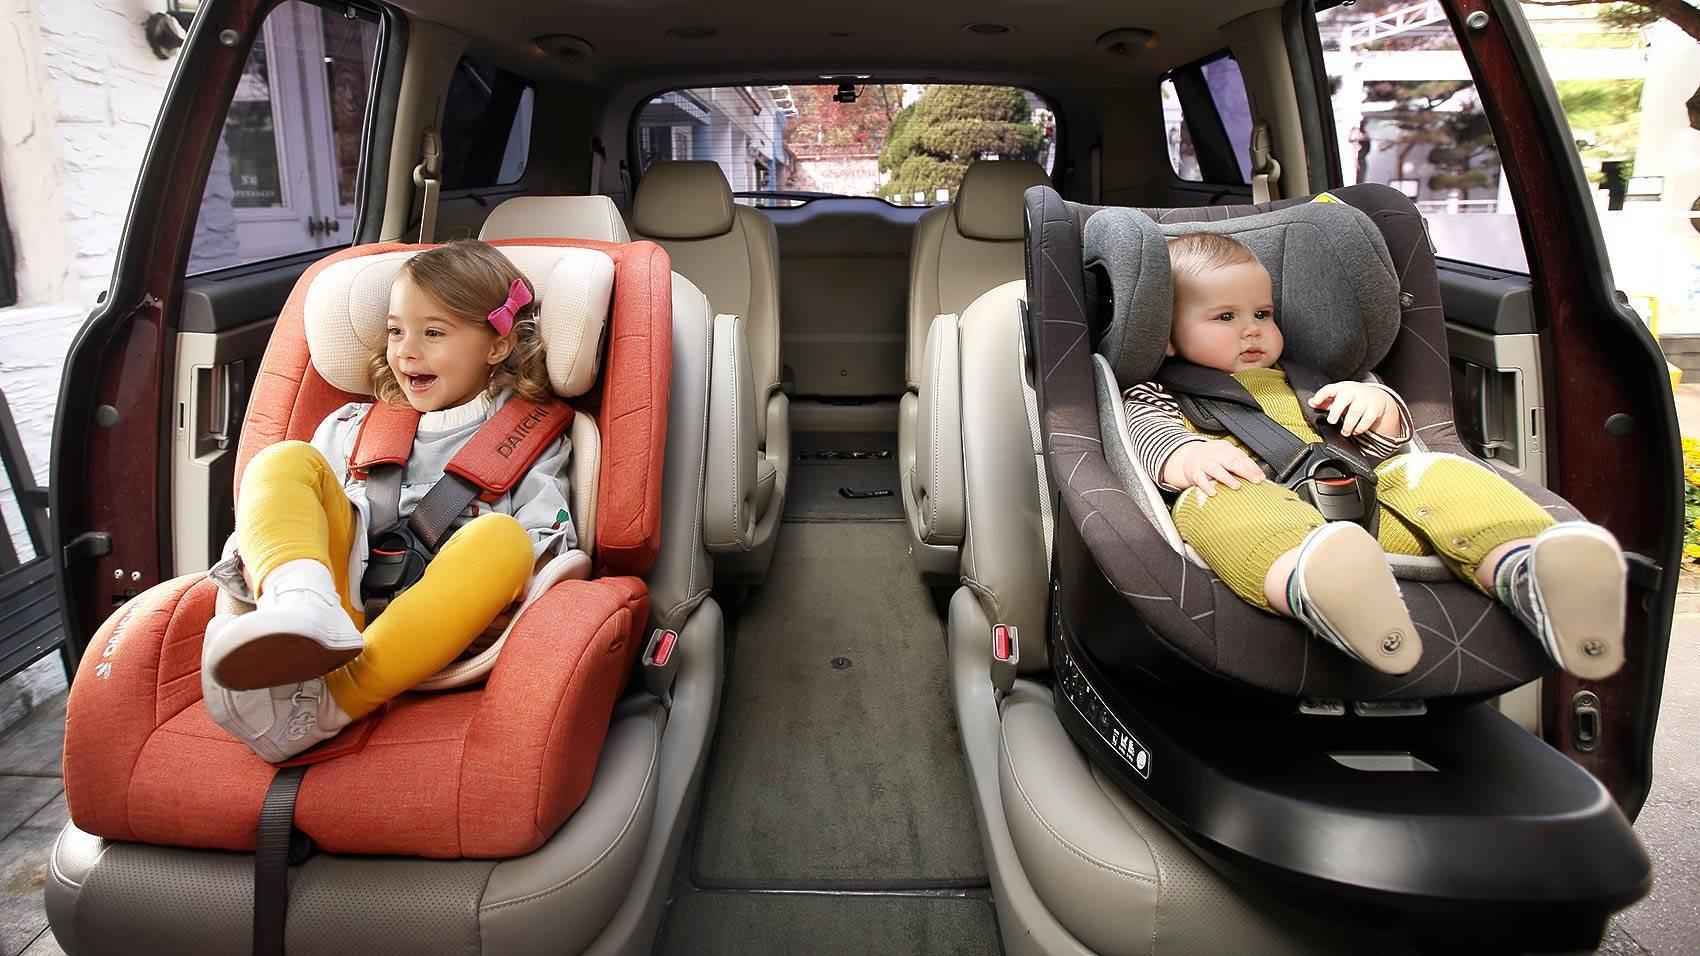 Лучшие детские автокресла - рейтинг производителей, отзывы